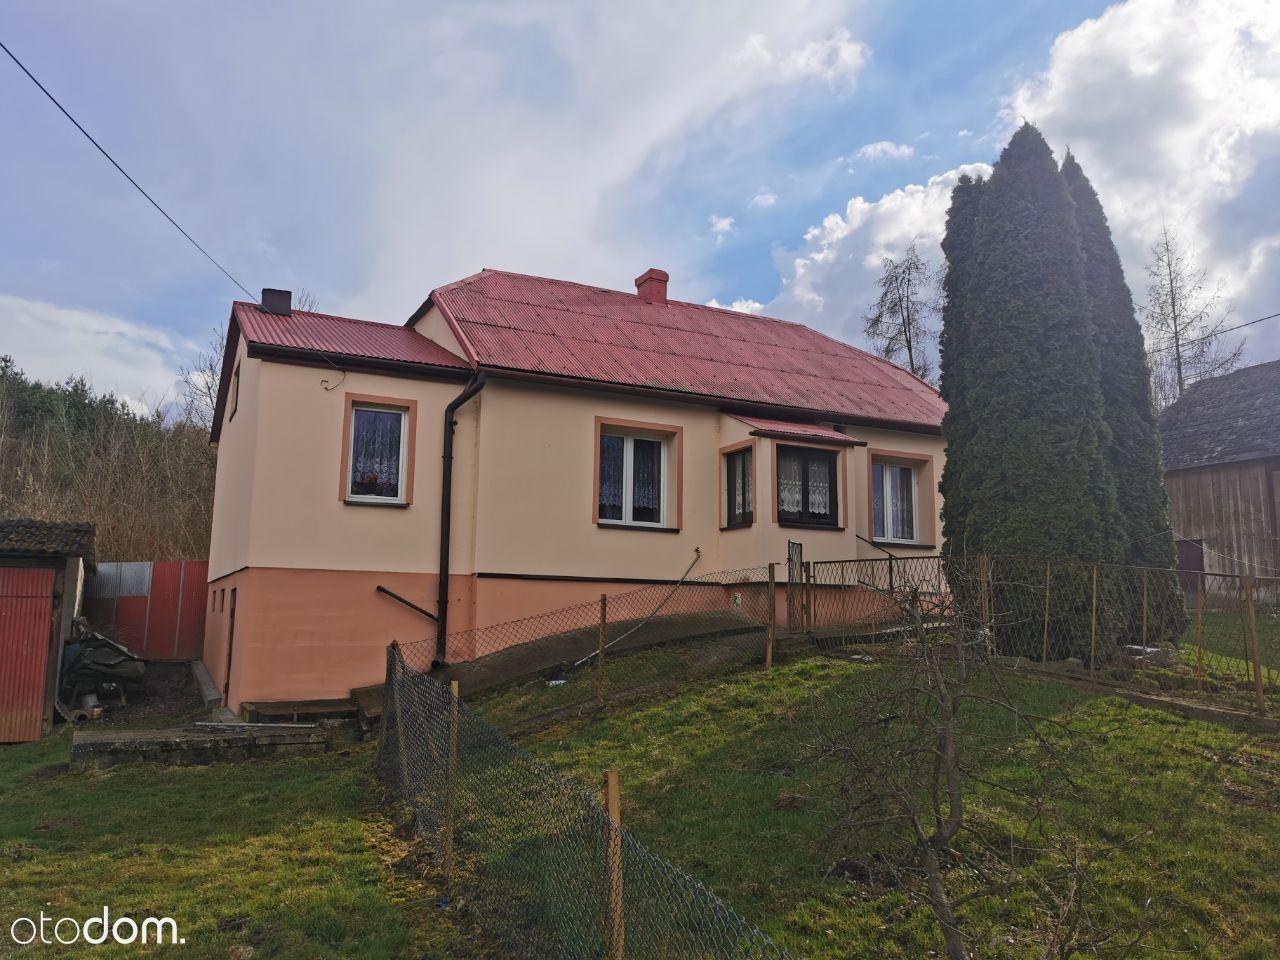 Dom parterowy, działka 40 arów w Śladów, Miechów